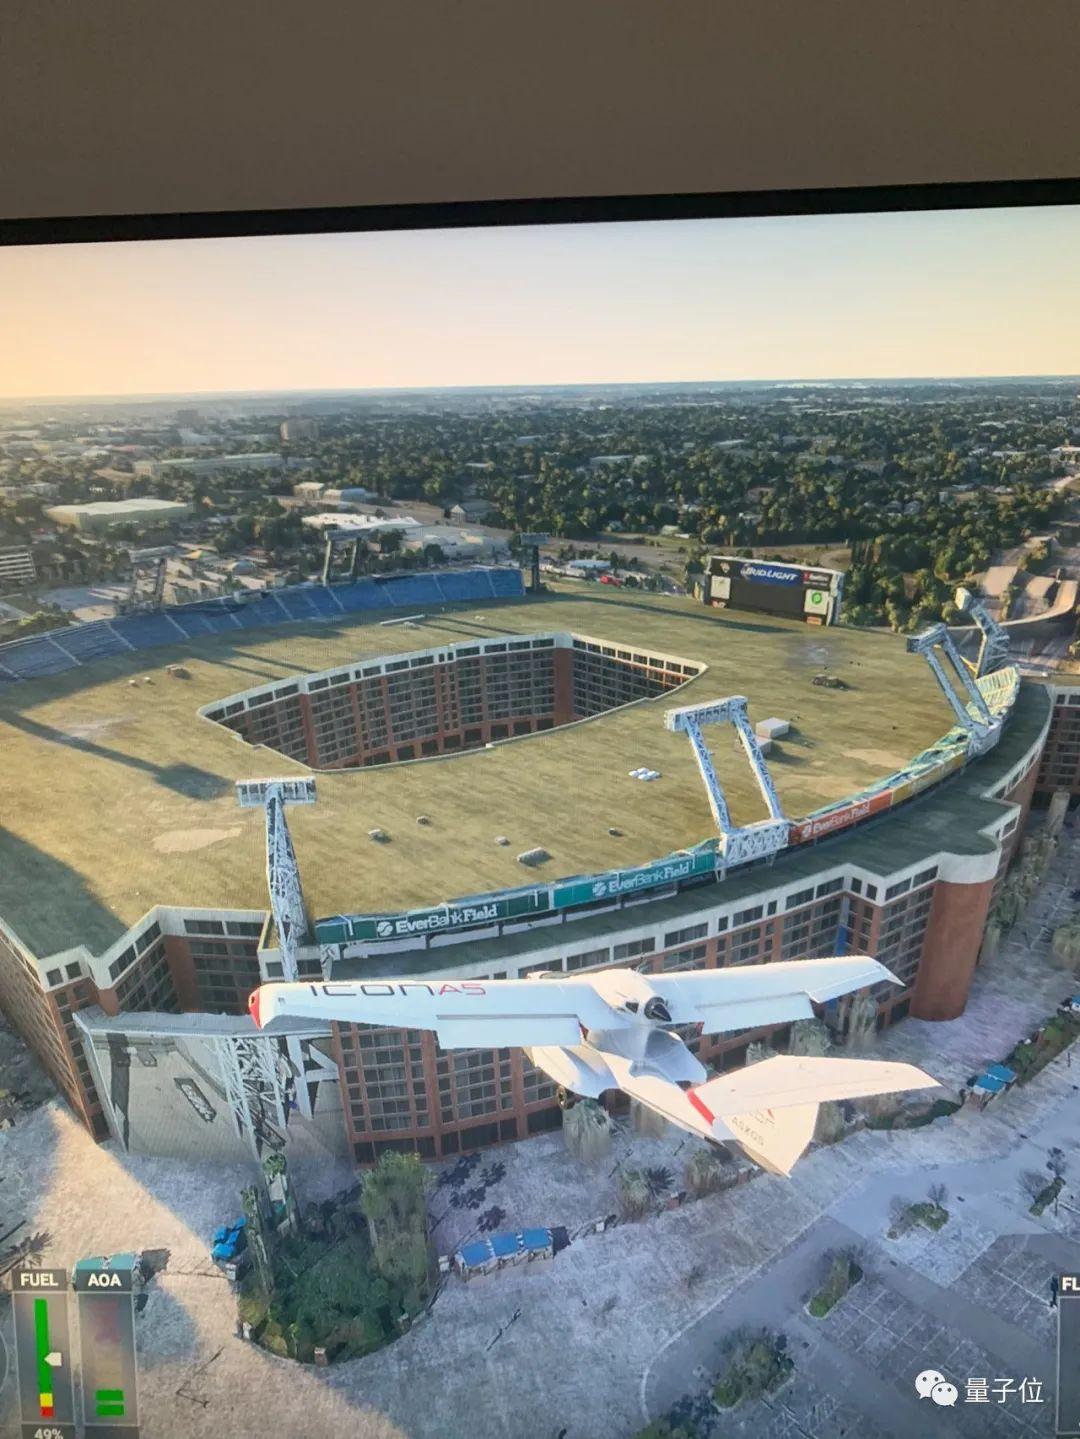 《微软飞行模拟》用AI还原15亿建筑,出现王宫变写字楼bug